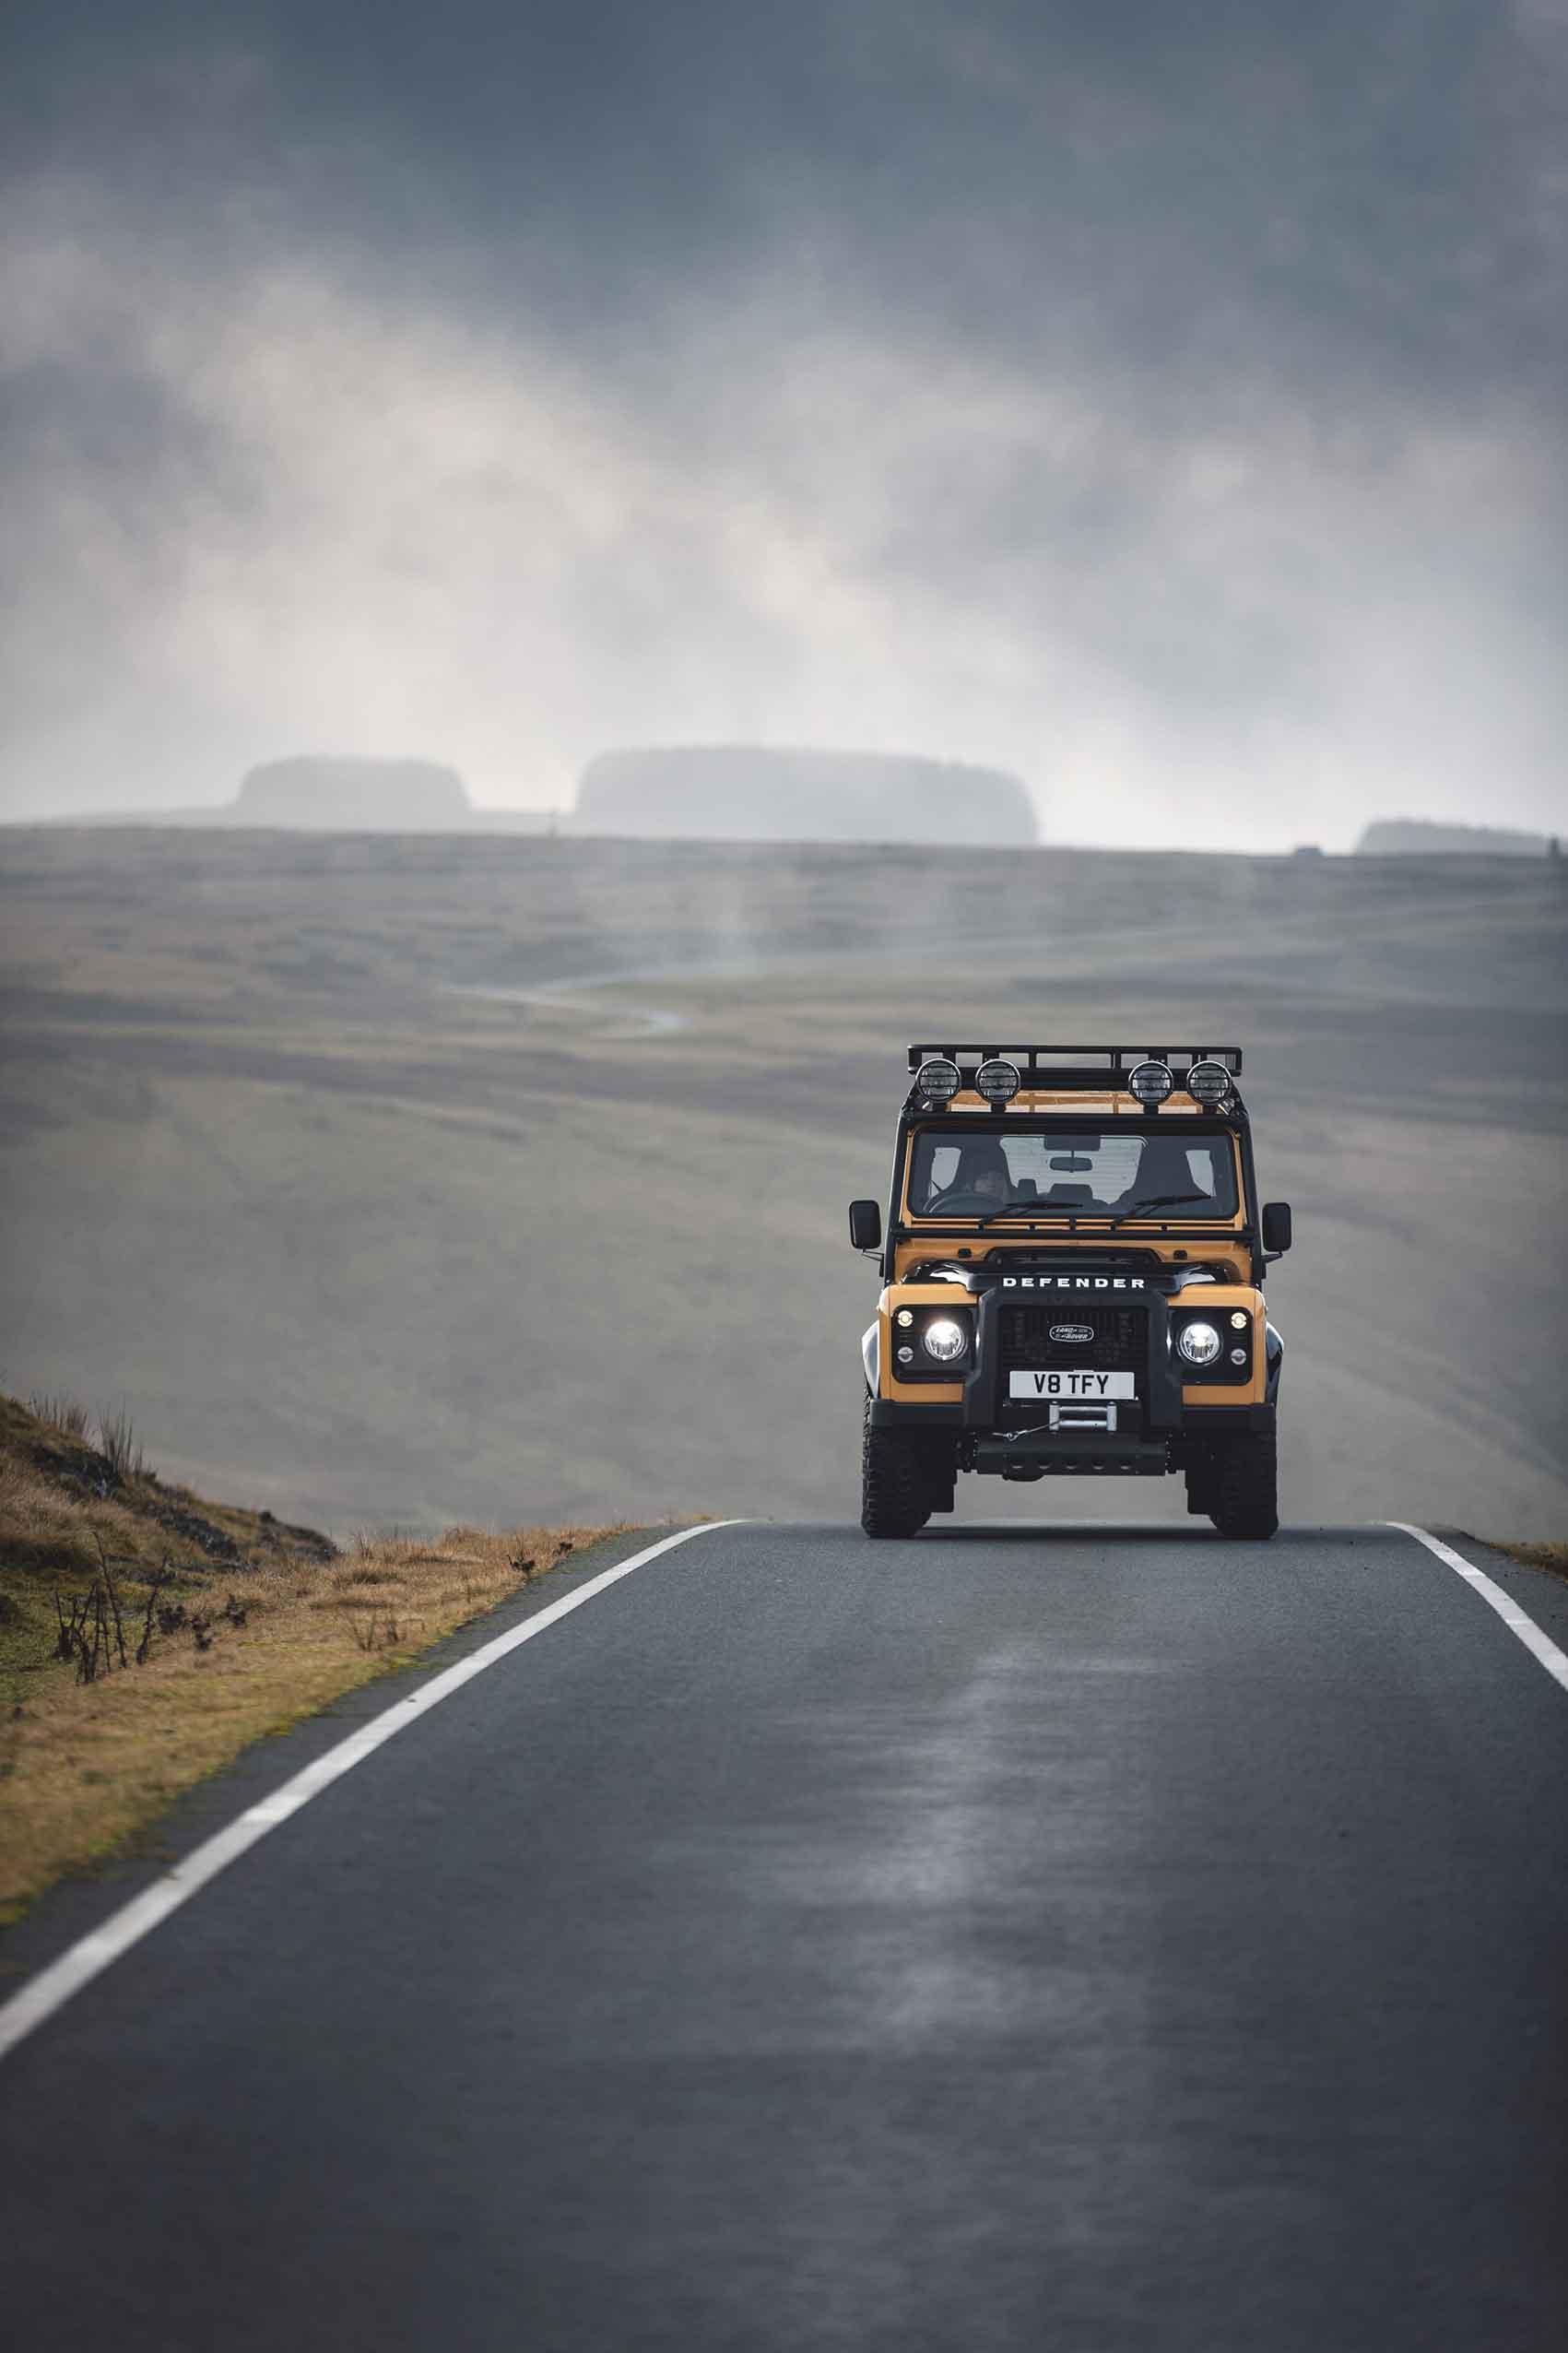 ללנד רובר-רכב אופנתי דיפנדר טרופי 2021 צילום יחצ חול